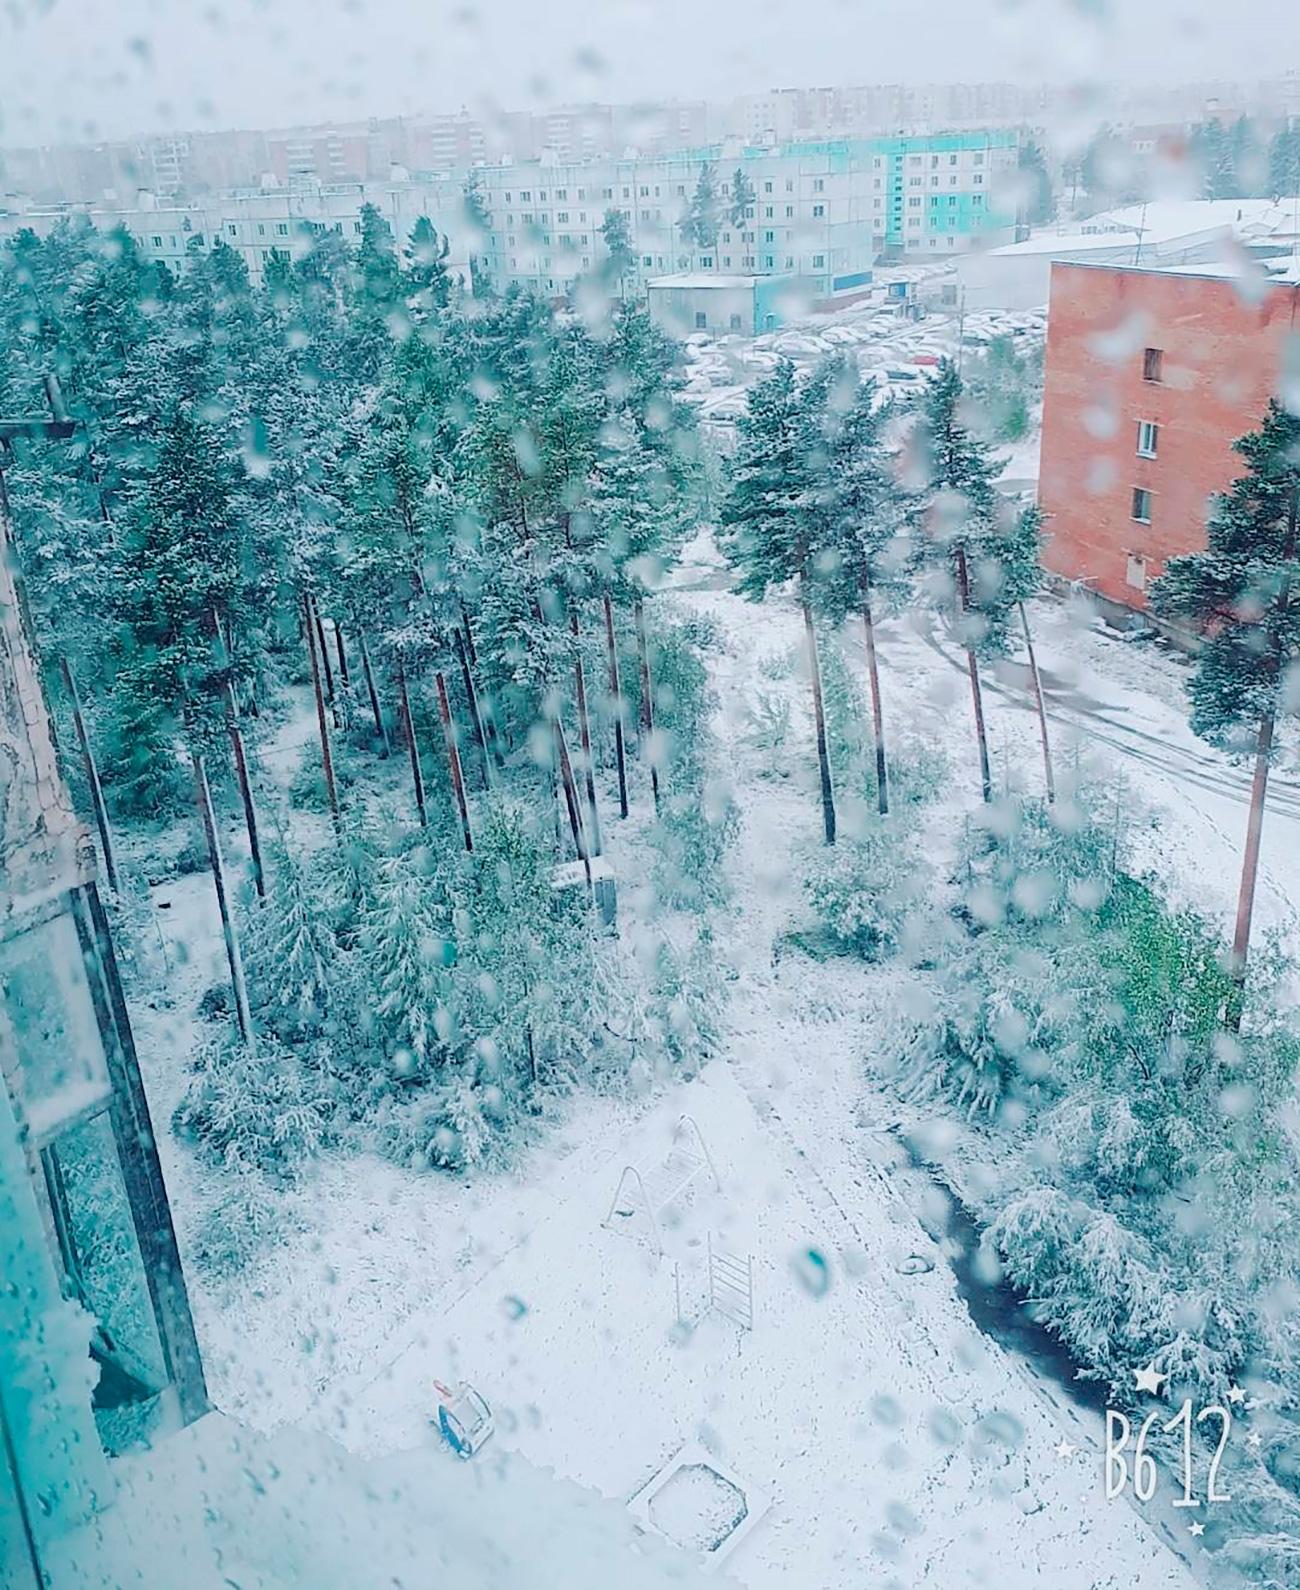 Crédit : sneg9 / instagram.com/djulia_varf